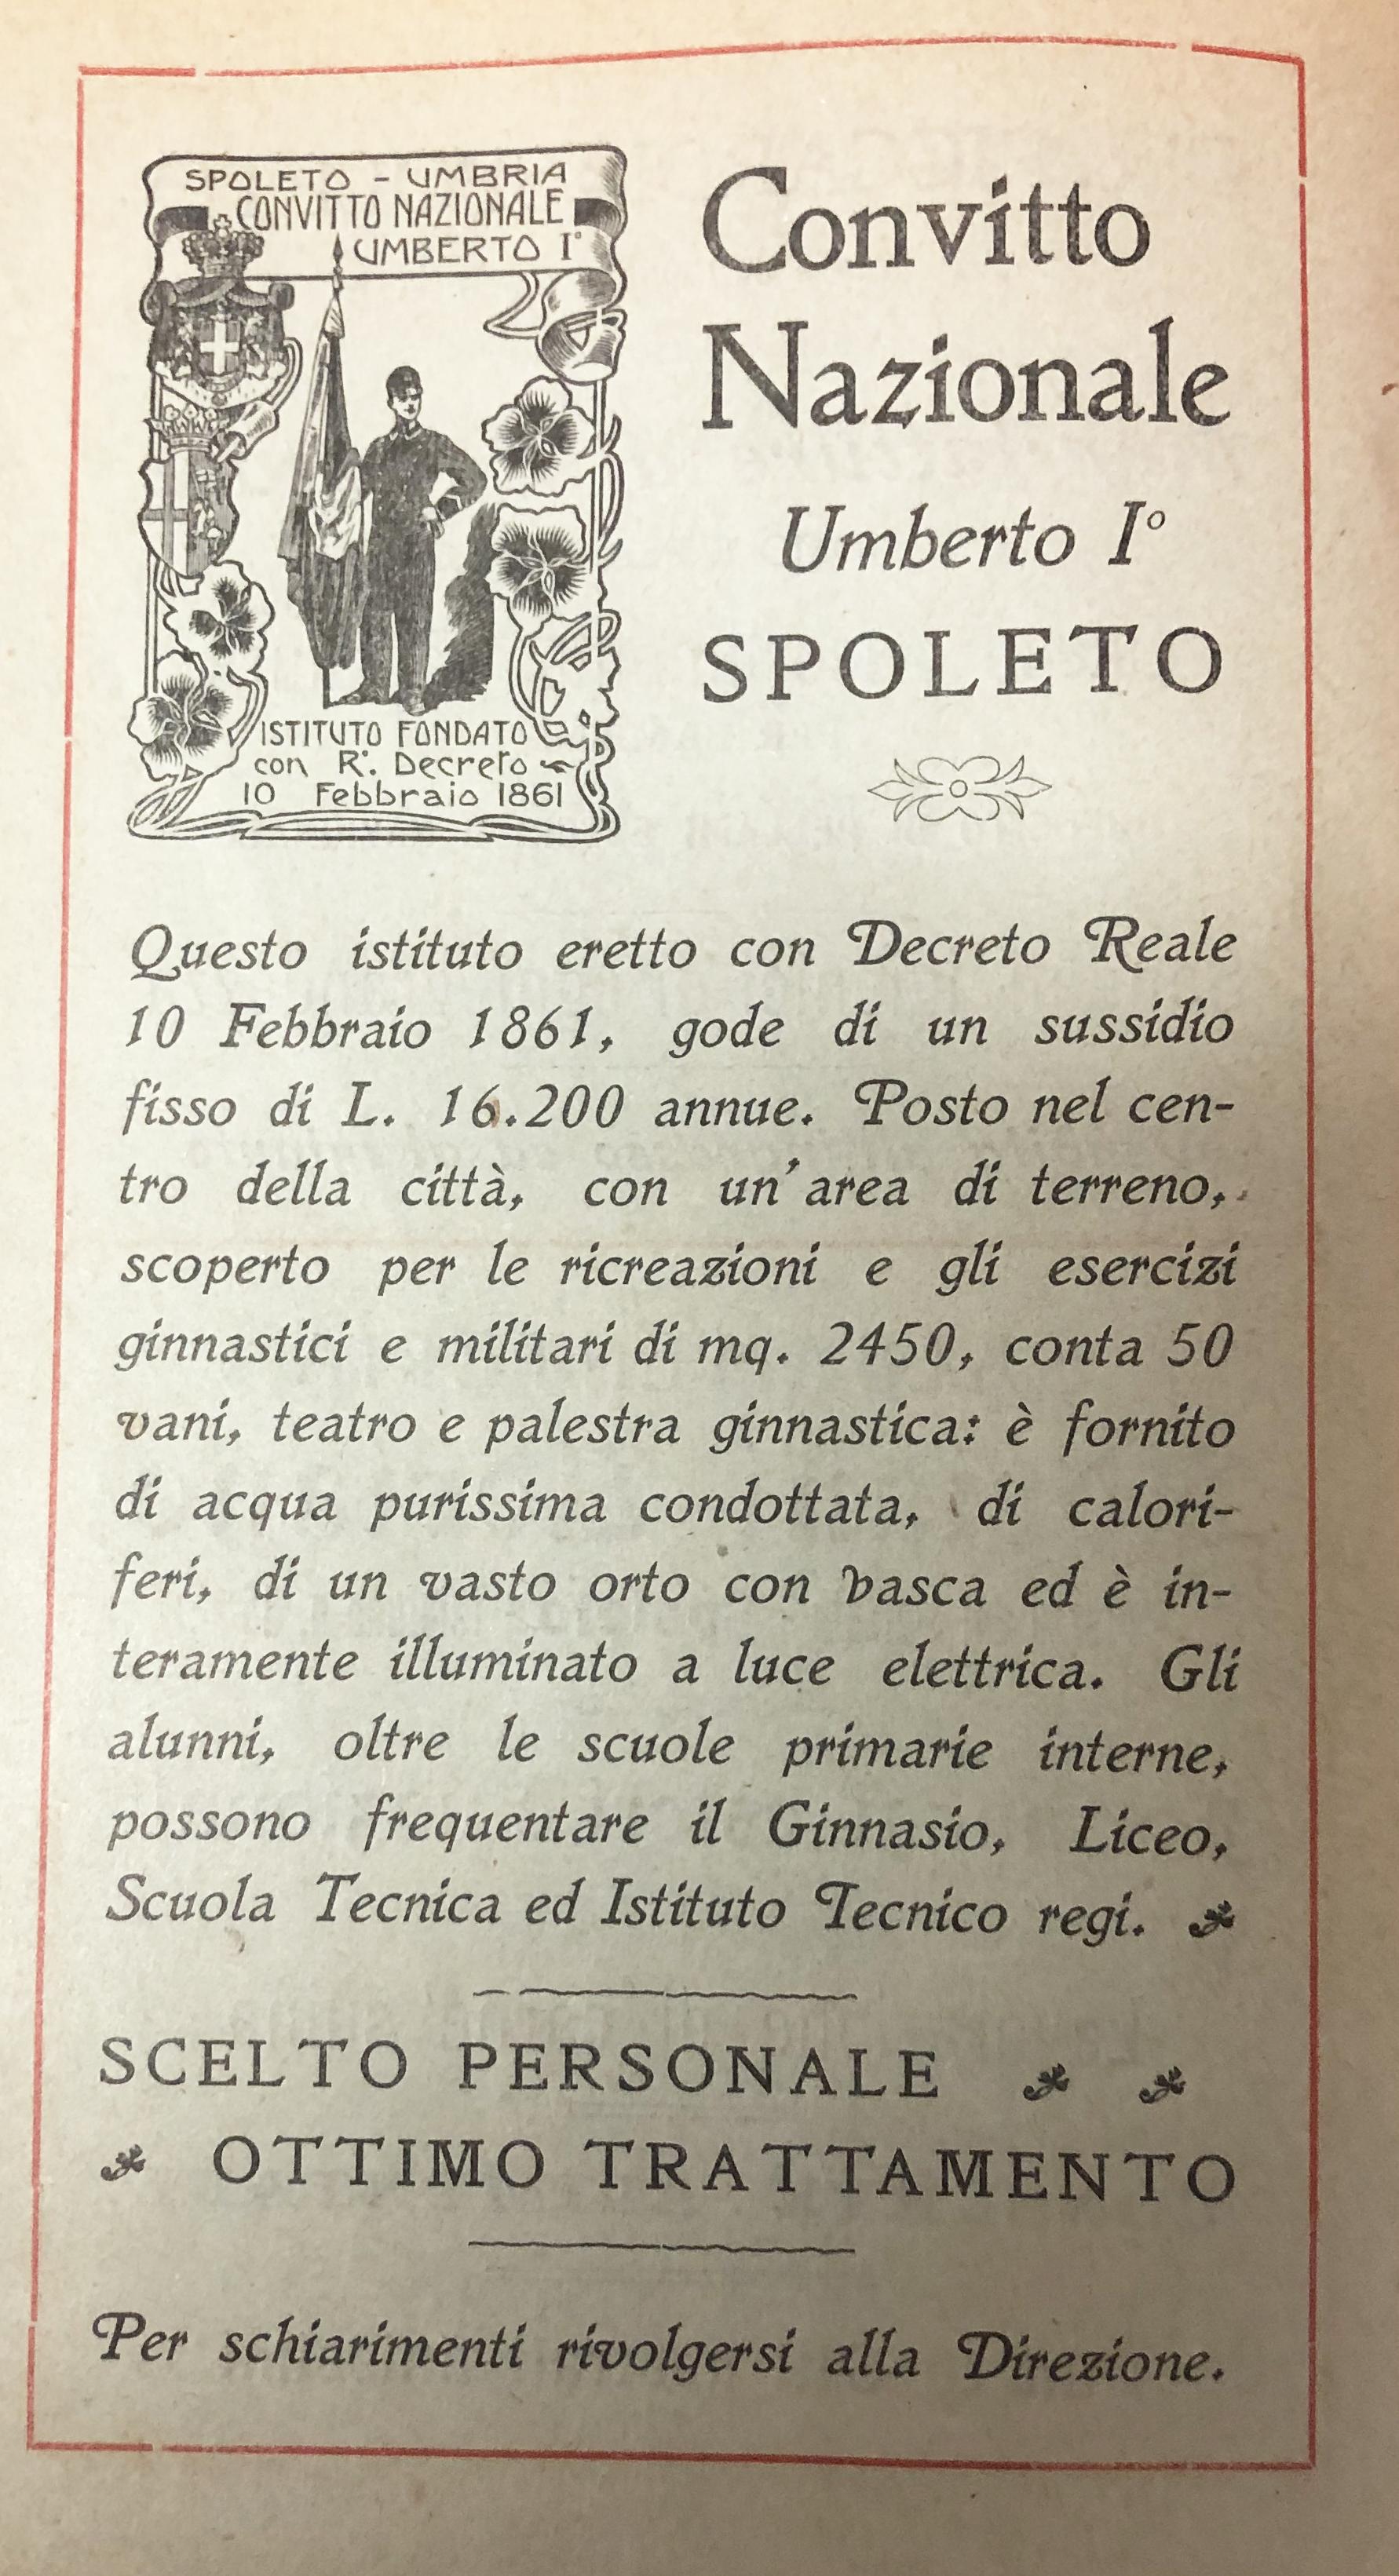 Convitto Nazionale Umberto I